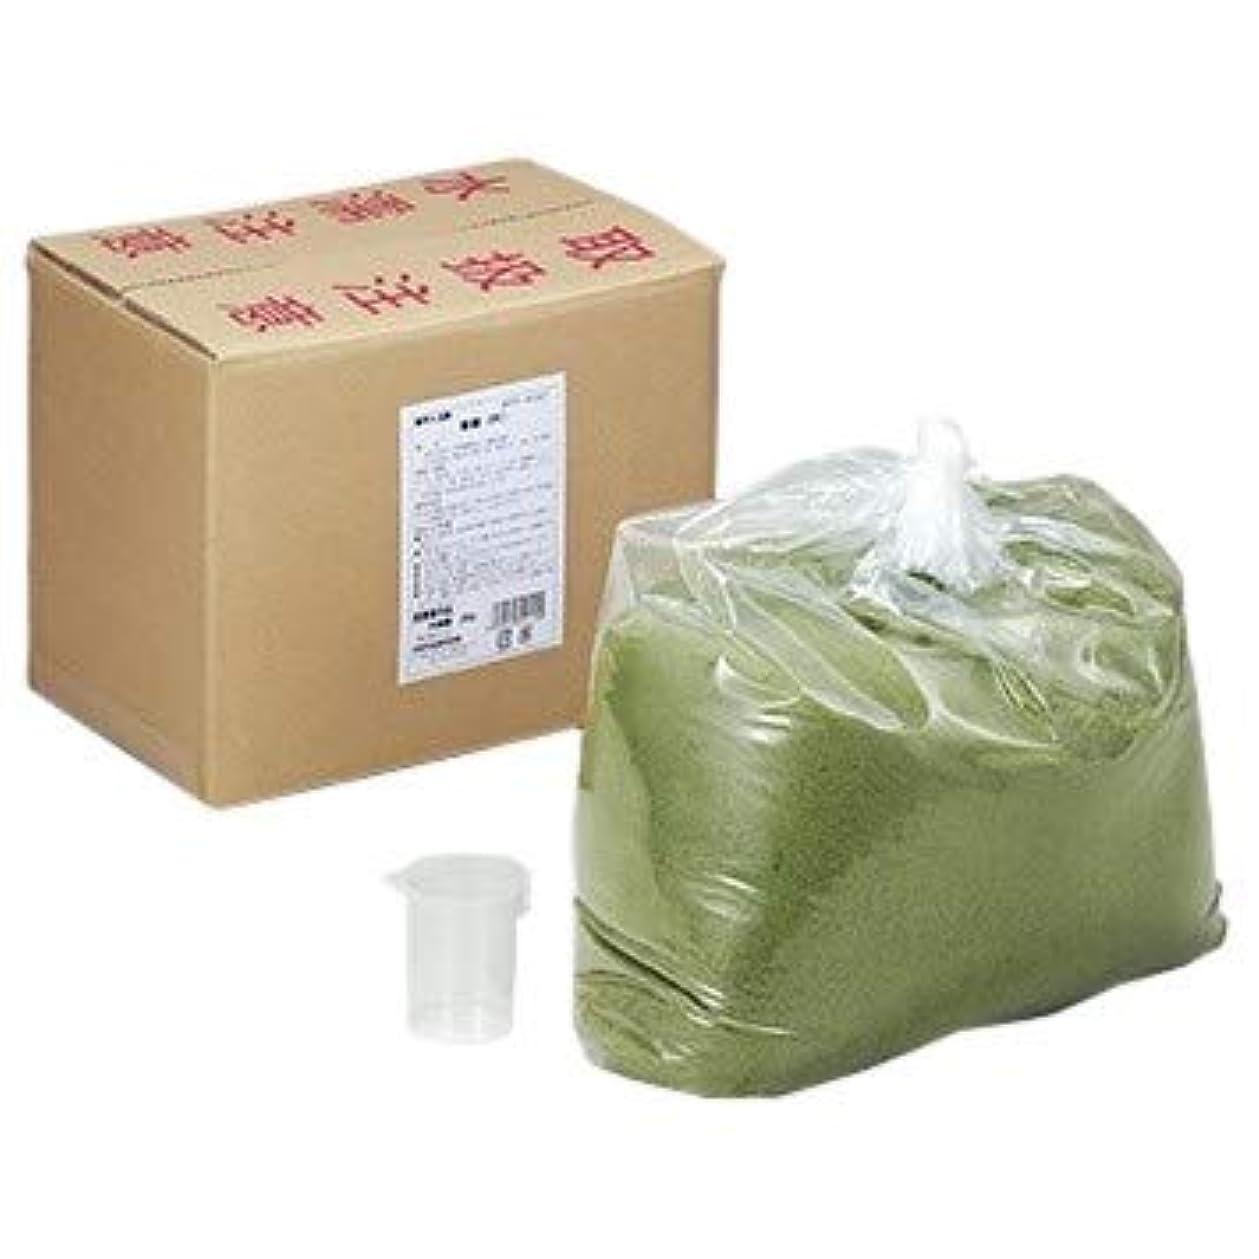 上院議員通貨適性新緑 業務用 20kg 入浴剤 医薬部外品